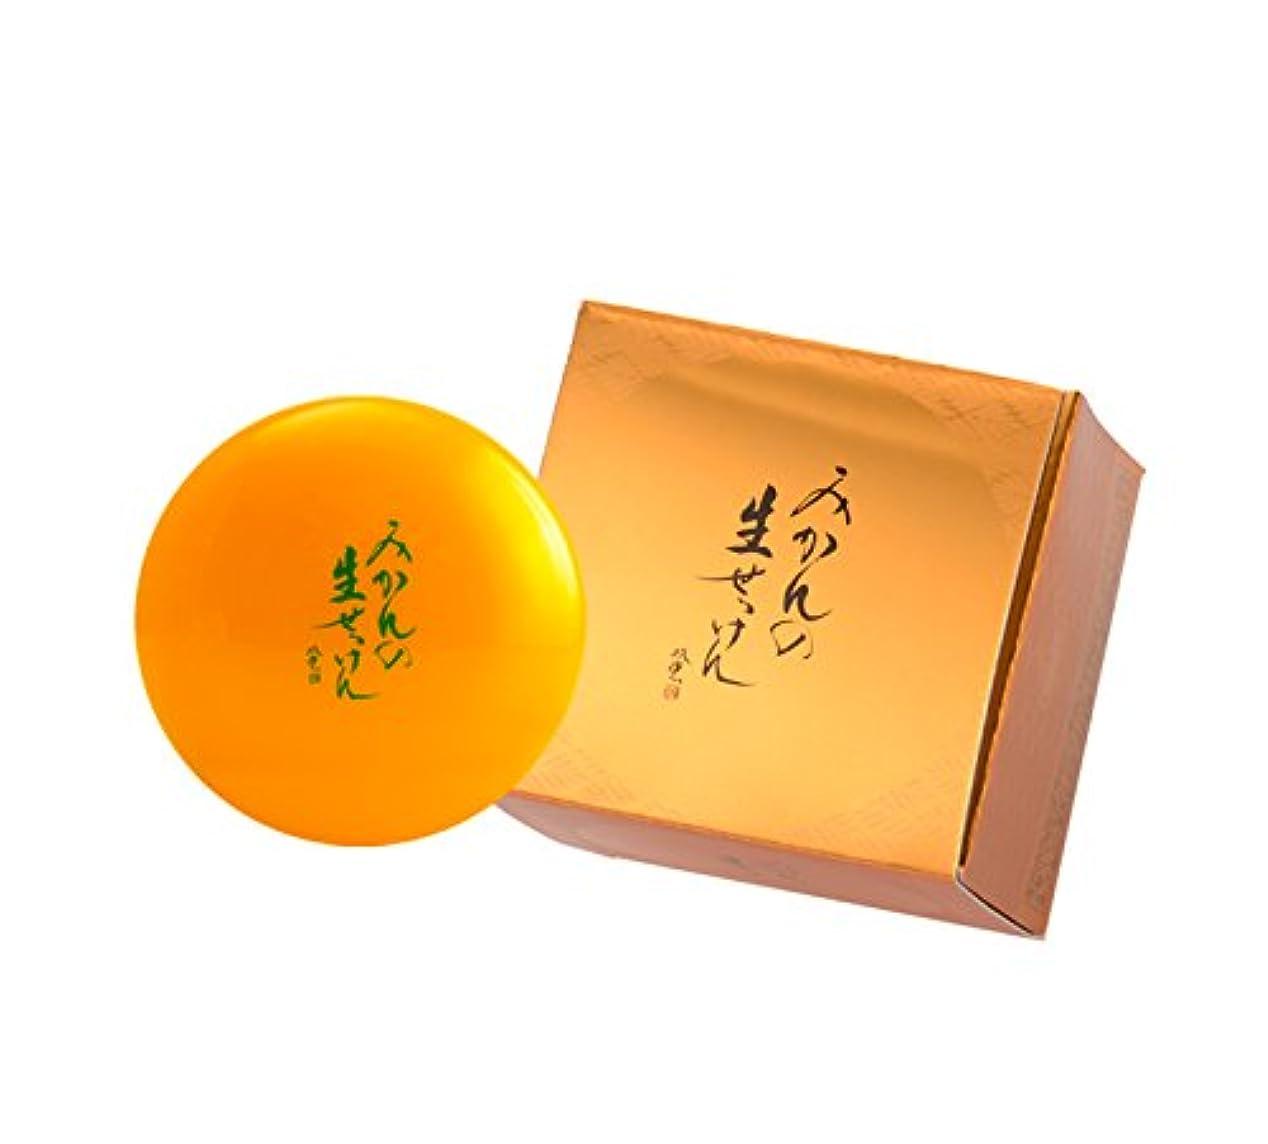 敵意札入れポップ美香柑 みかんの生せっけん 洗顔石鹸 無添加 スパチュラ?泡立てネット付 大容量 ジャータイプ 120g